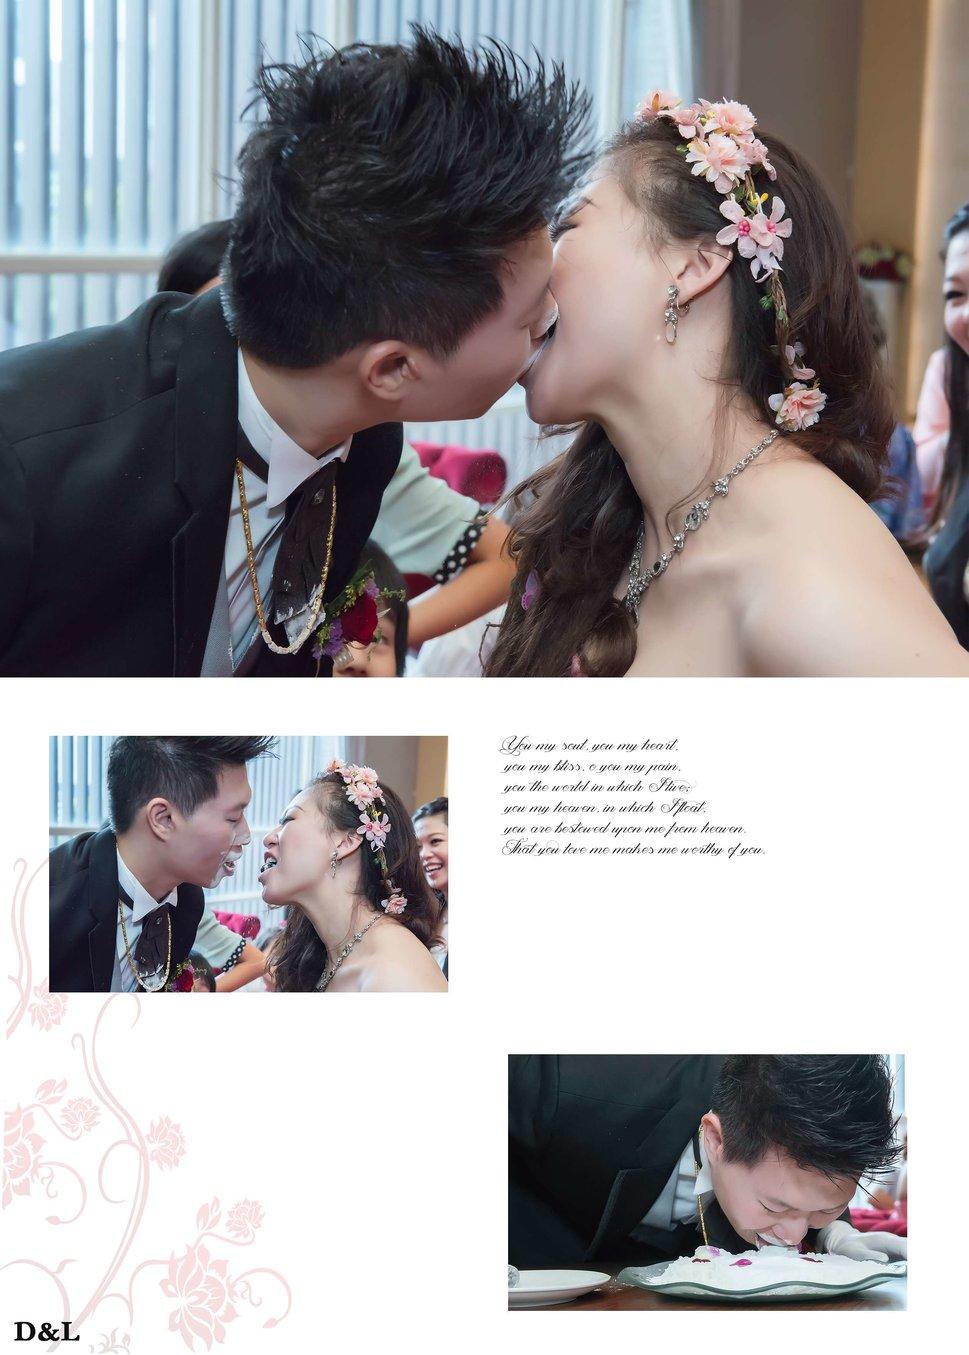 婚禮紀錄-顥天&美彣(編號:253213) - D&L 婚禮事務-婚紗攝影/婚禮記錄 - 結婚吧一站式婚禮服務平台